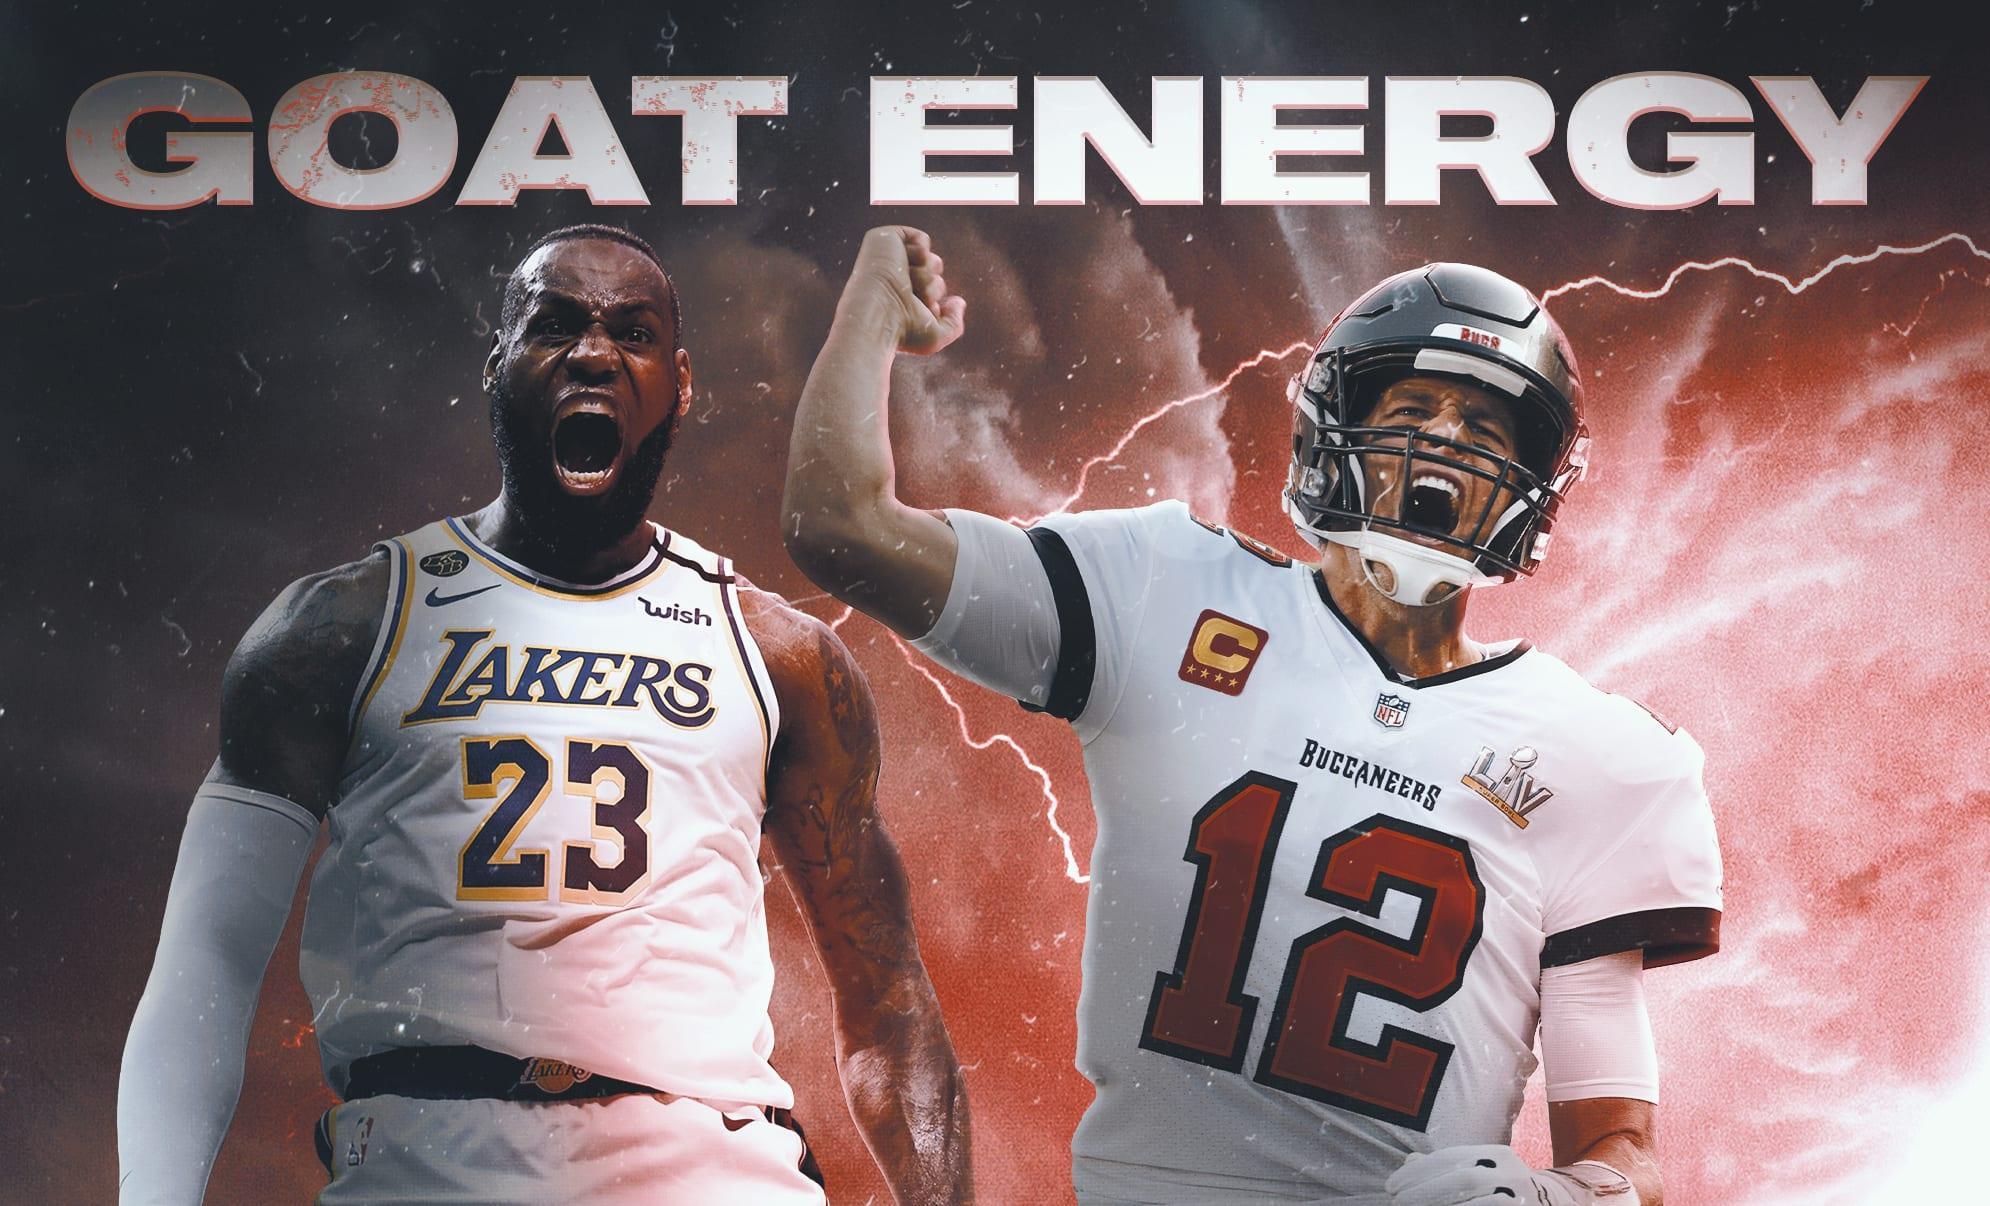 NBA Players React to Tom Brady Winning Record 7th Super Bowl